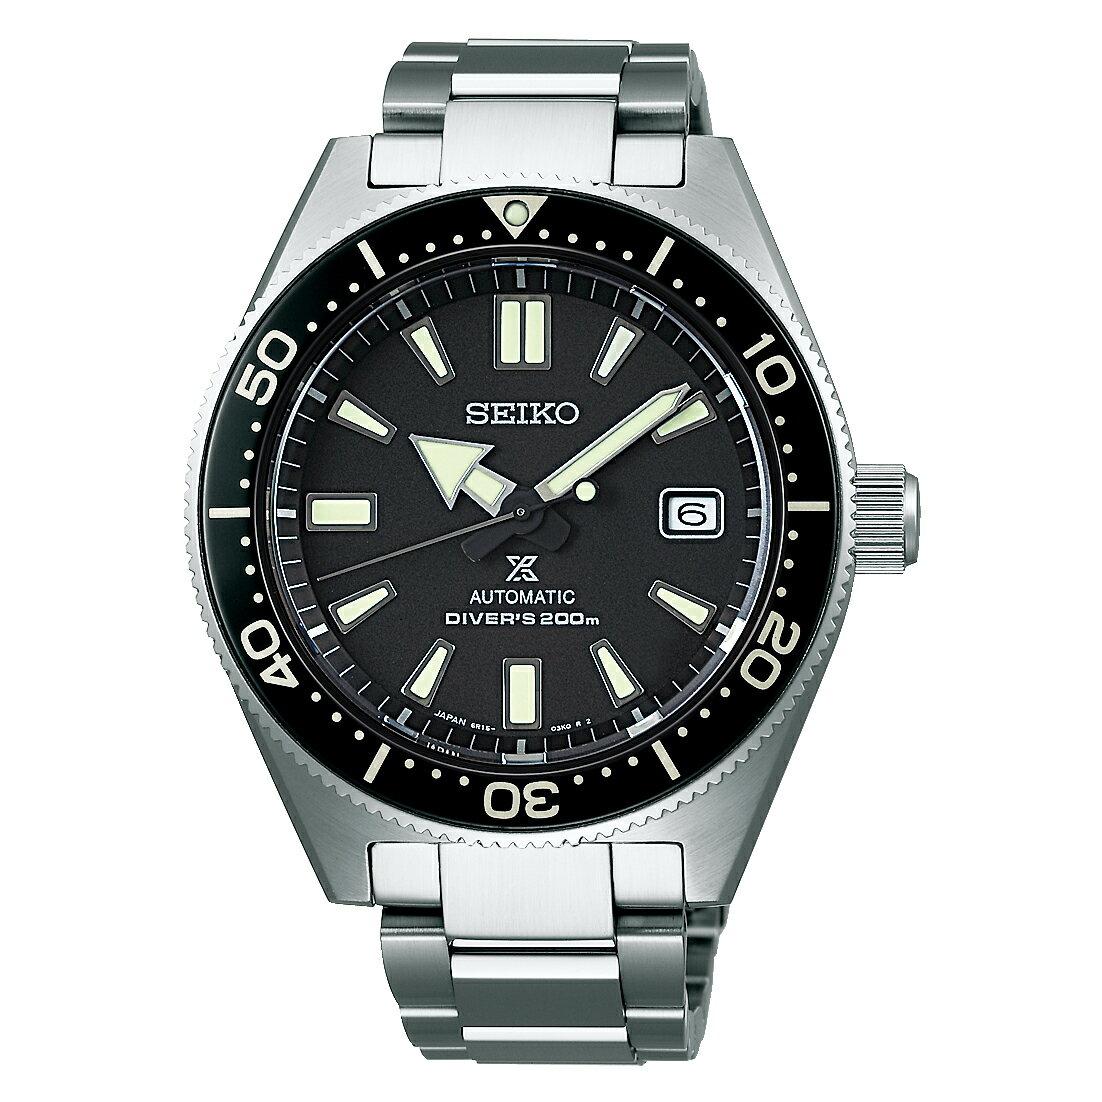 腕時計, メンズ腕時計 SEIKO PROSPEX SBDC051 6R15 Seiko Prospex Diver Scuba